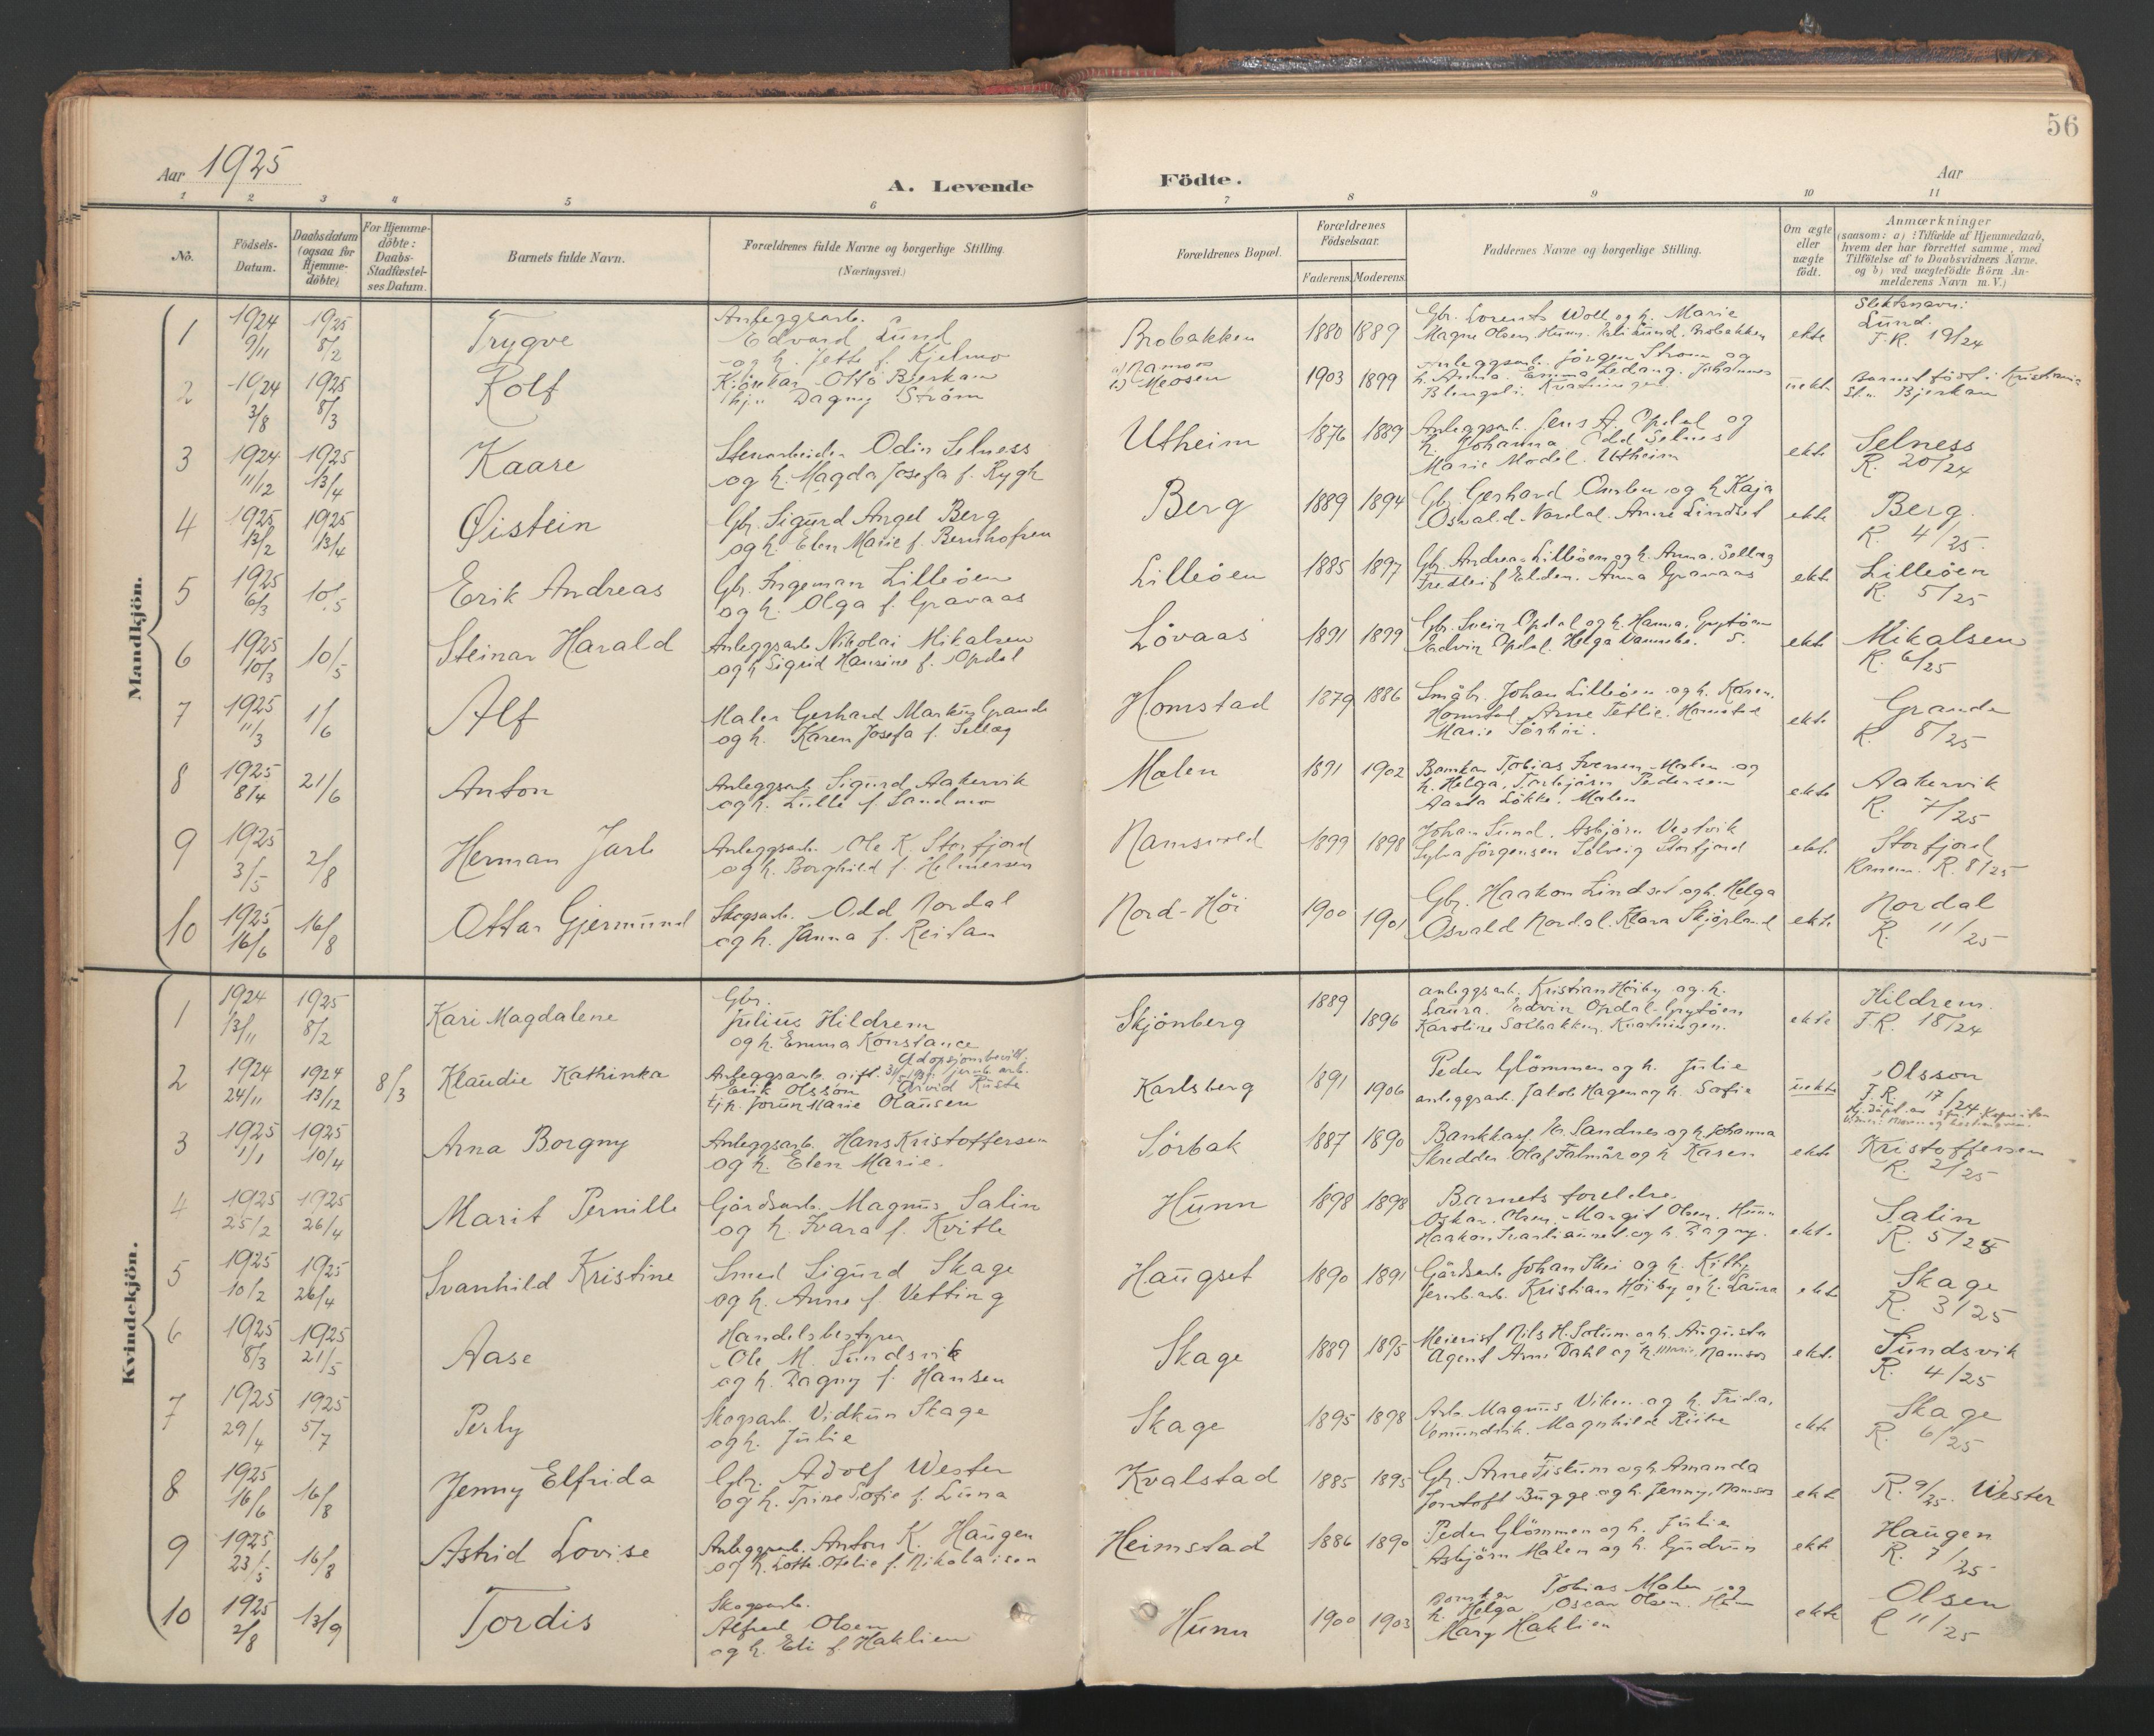 SAT, Ministerialprotokoller, klokkerbøker og fødselsregistre - Nord-Trøndelag, 766/L0564: Ministerialbok nr. 767A02, 1900-1932, s. 56